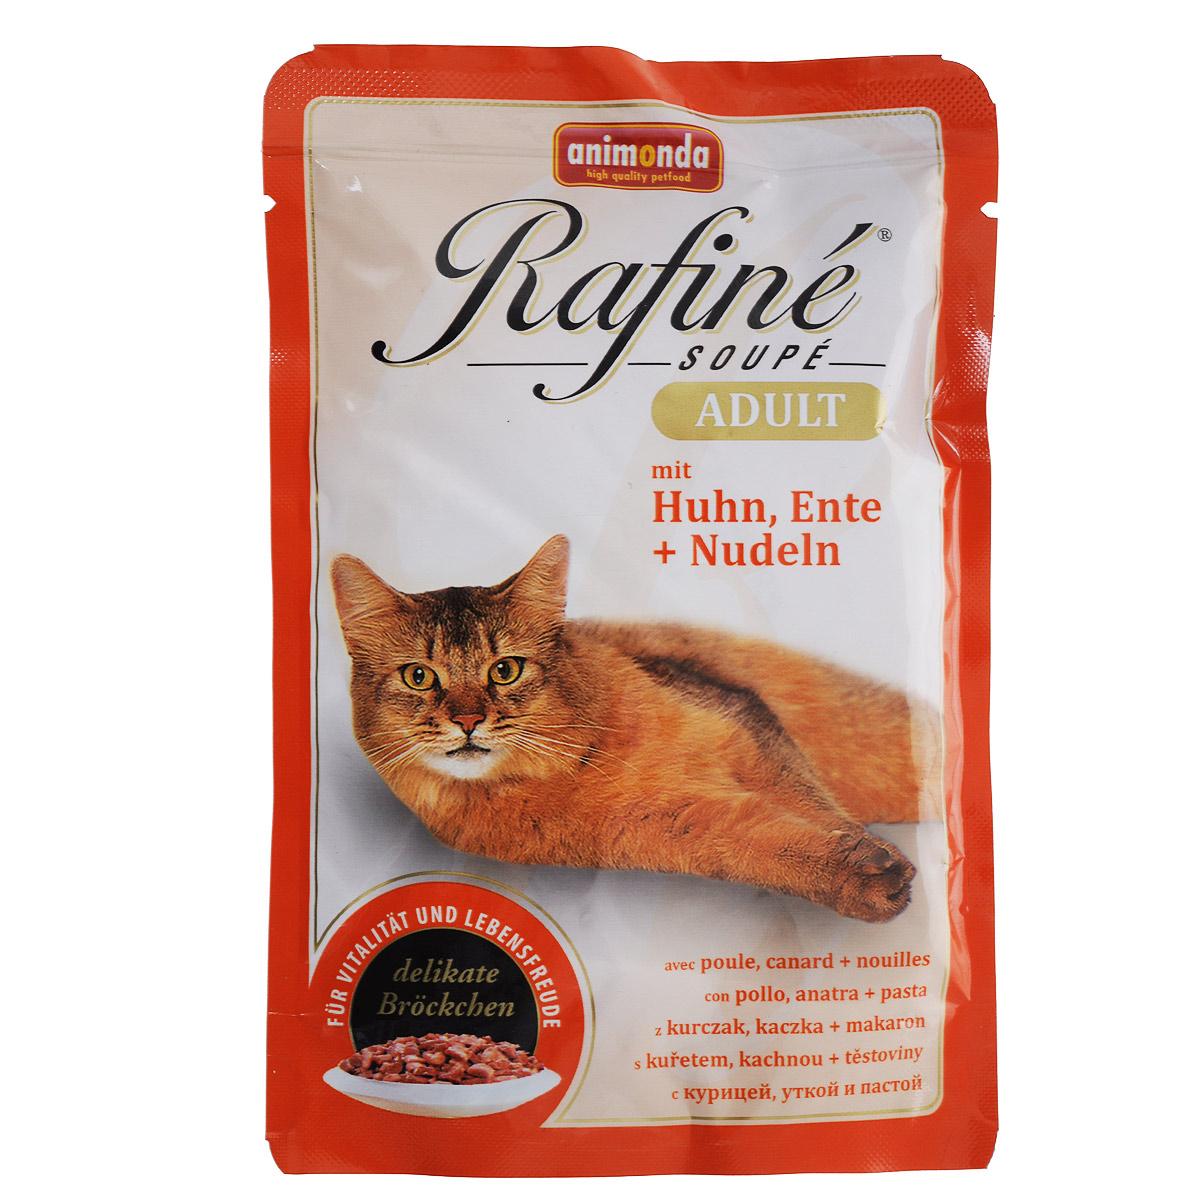 Консервы для кошек Animonda Rafine Soupe Adult, с курицей, уткой и пастой, 100 г0120710Линия консервированного полноценного питания Rafine Soupe Adult создана для рафинированных гурманов в кошачьем царстве. Вся продукция этой линии содержит тщательно сбалансированную комбинацию жизненно важных витаминов и минералов. Состоит из специально отобранных сортов мяса. Не содержит сои, искусственных красителей и консервантов. мясо и субпродукты животного происхождения. Нежное мясо птицы - источник протеина, необходимого кошке оставаться в отличной физической форме. Настоящая паста из твердых сортов пшеницы нормализует процессы пищеварения и микрофлору кишечника.Состав: мясо и мясные продукты (курица 20%, утка 10%), макаронные изделия (паста 4%), злаки, минералы. Анализ: белок 8%, жир 5%, клетчатка 0,3%, зола 2%, влажность 81%. Полноценное консервированное питание для взрослых кошек высшего качества.Добавки на 1 кг продукта: витамин D3 250 МЕ, медь 2 мг, цинк 5 мг, марганец 1,5 мг, йод 0,5 мг. Вес: 100 г. Товар сертифицирован.